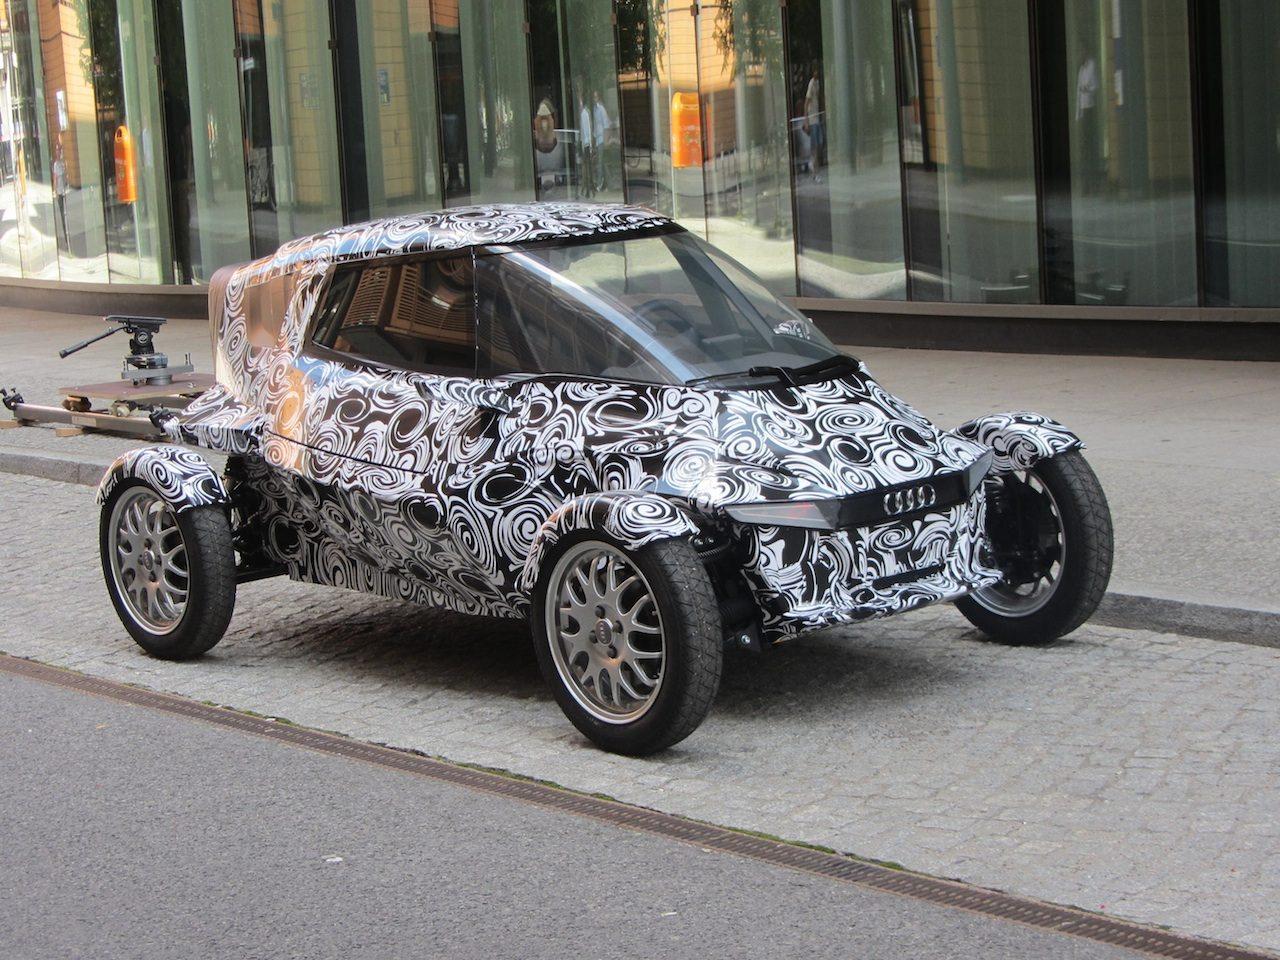 Audi_E_Tron_City_Spyshot_01.jpg